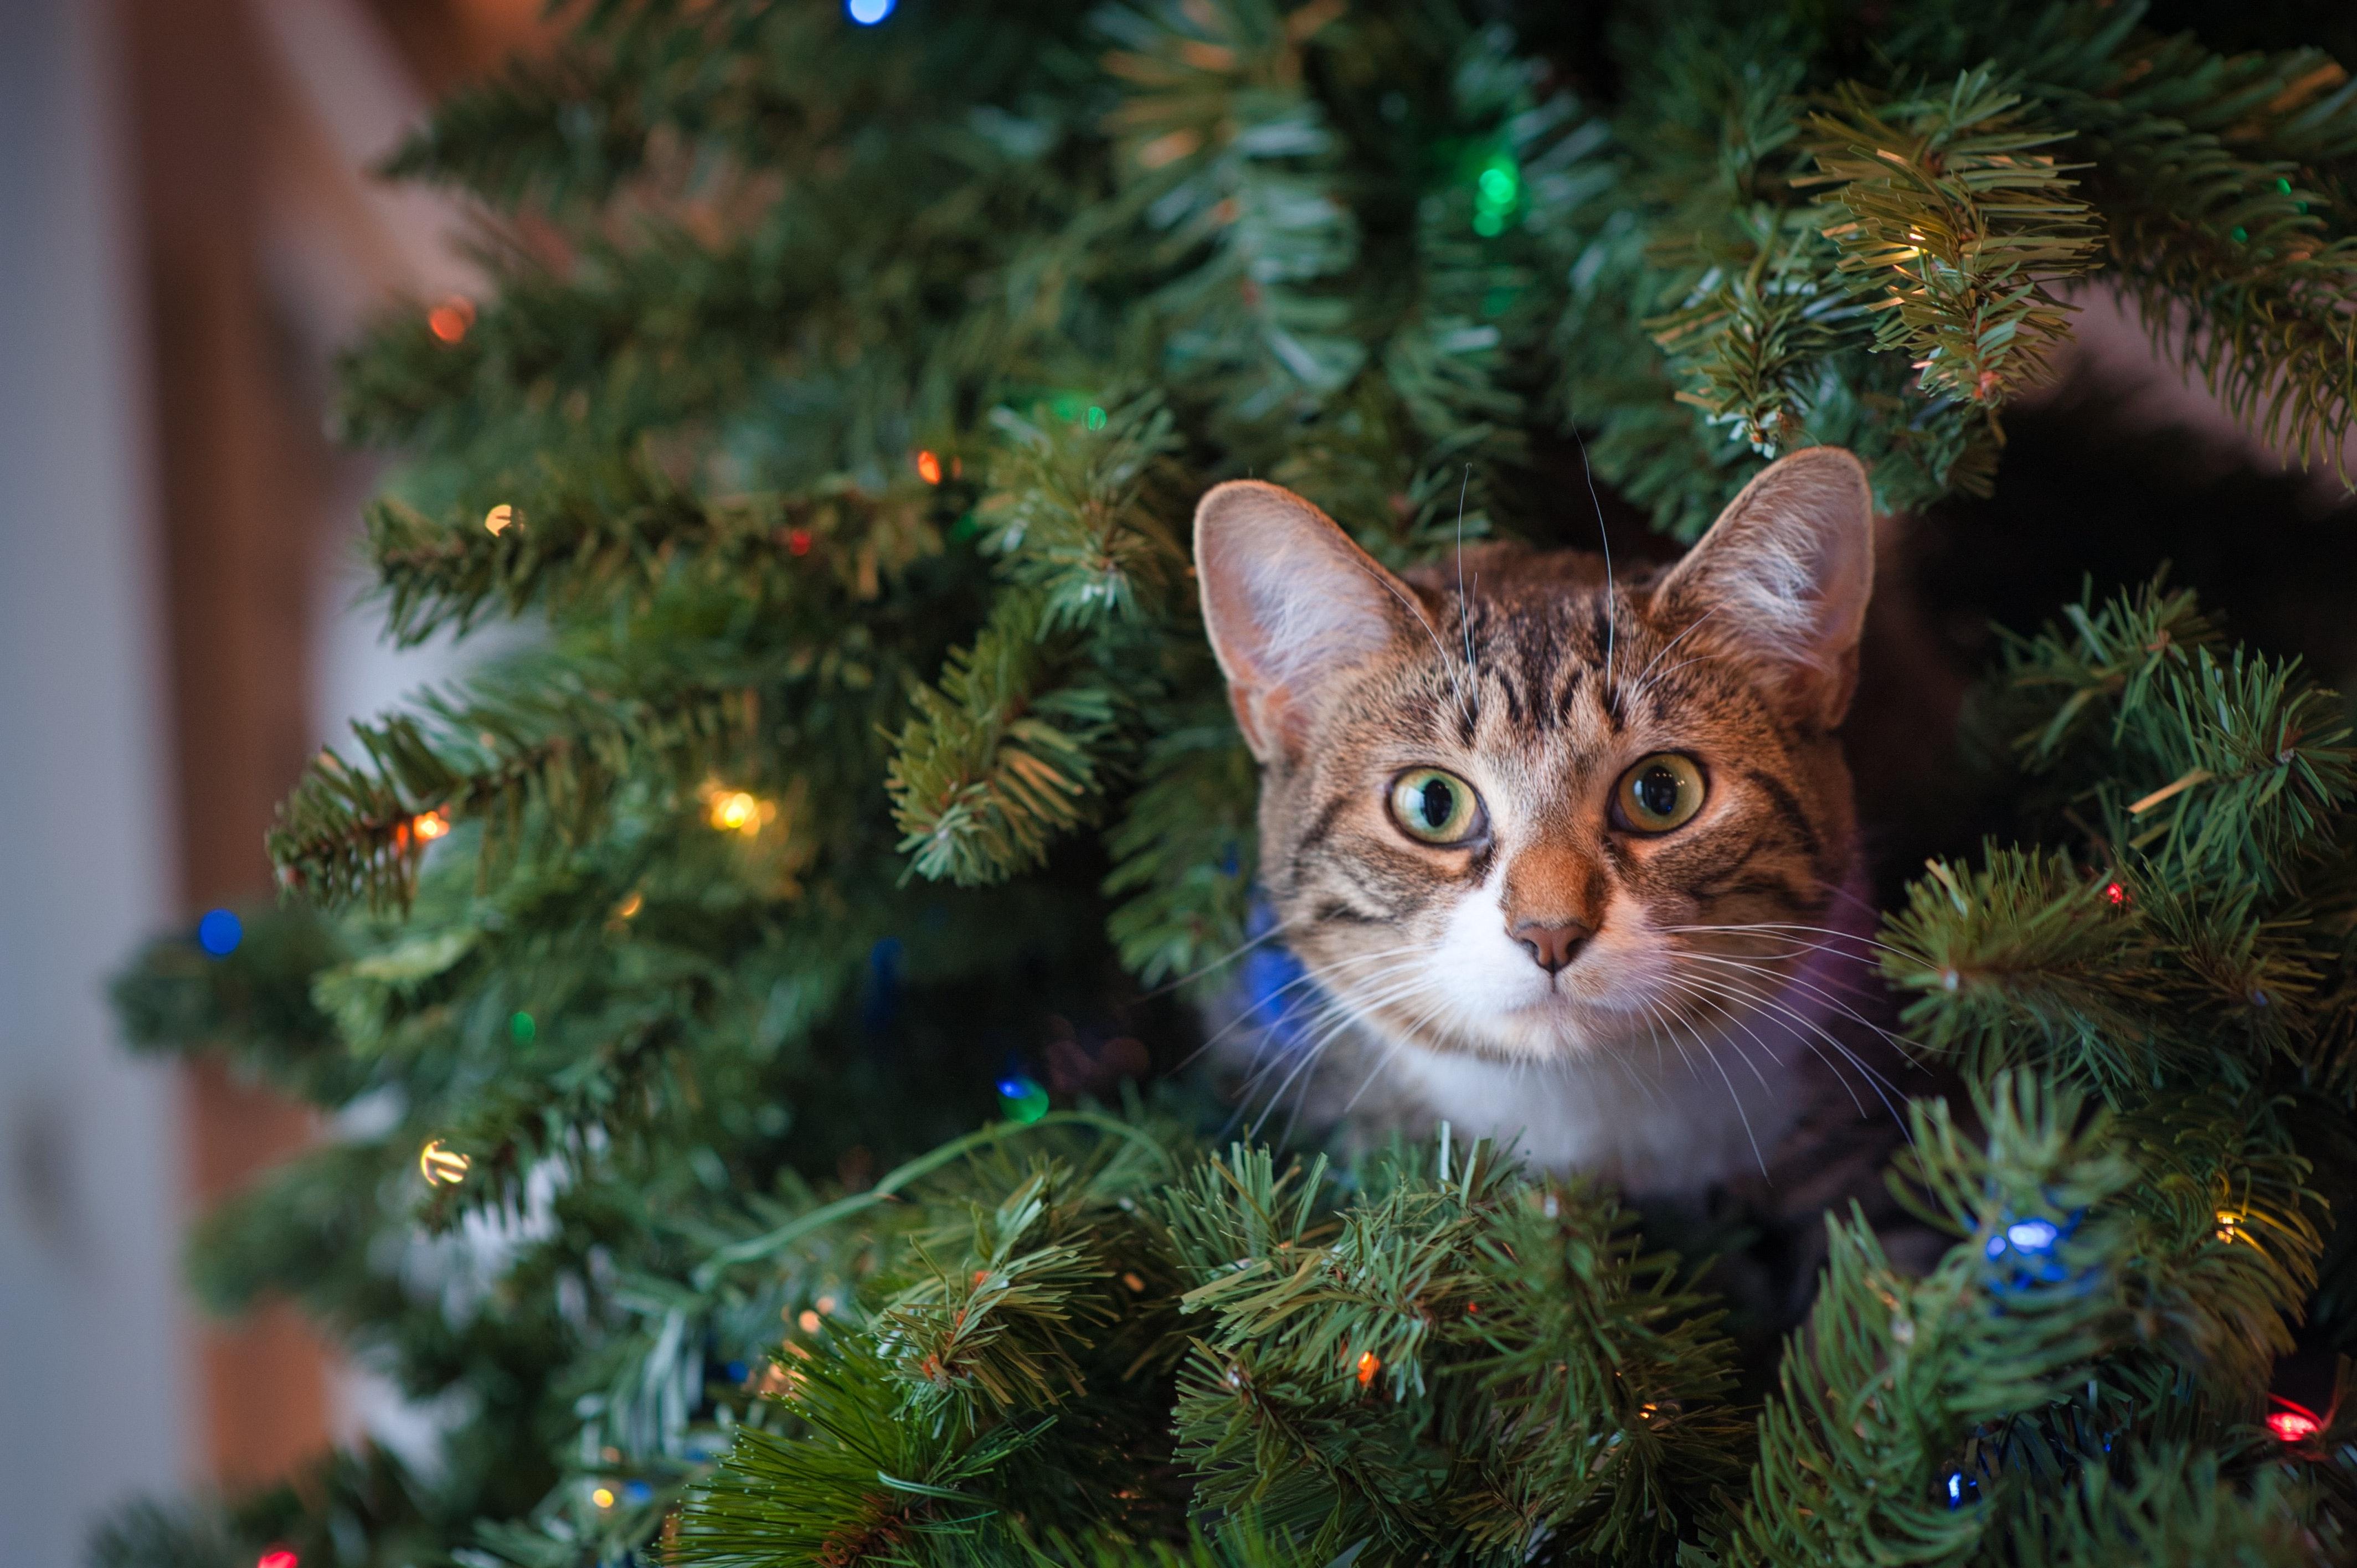 Macskabiztos karácsonyfa - létezik ilyen?